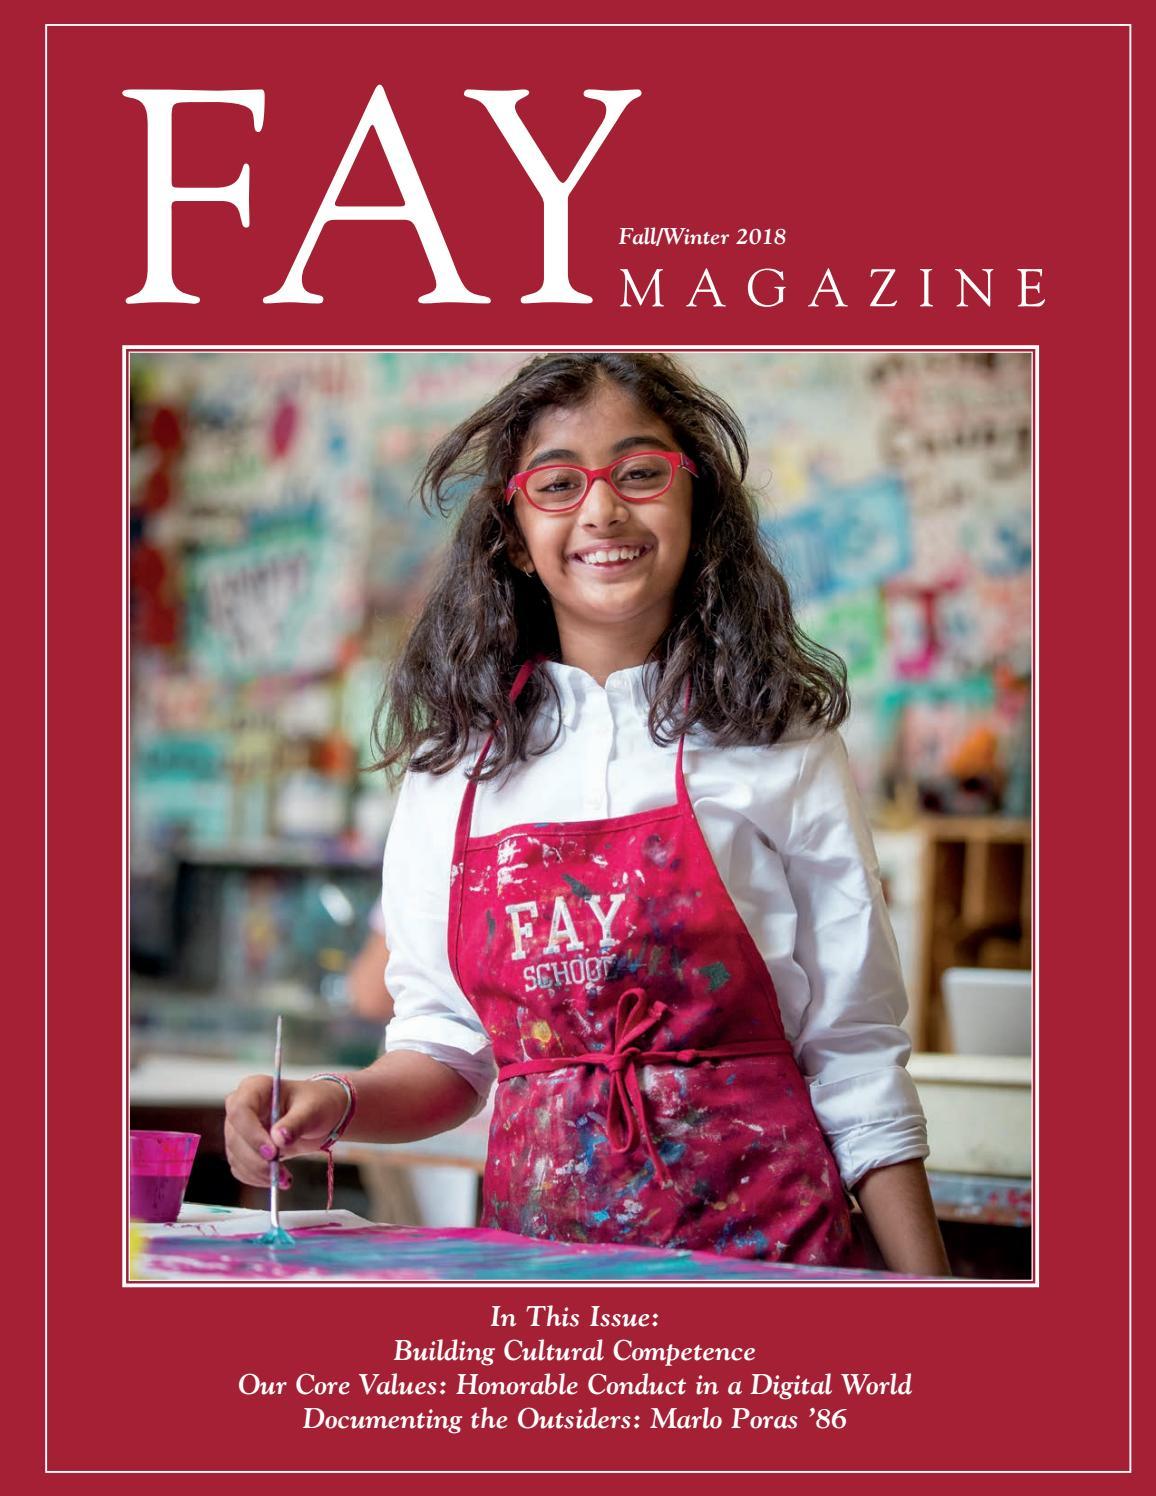 Fay Magazine Fall 2018 by Fay School - issuu fbea962f88756